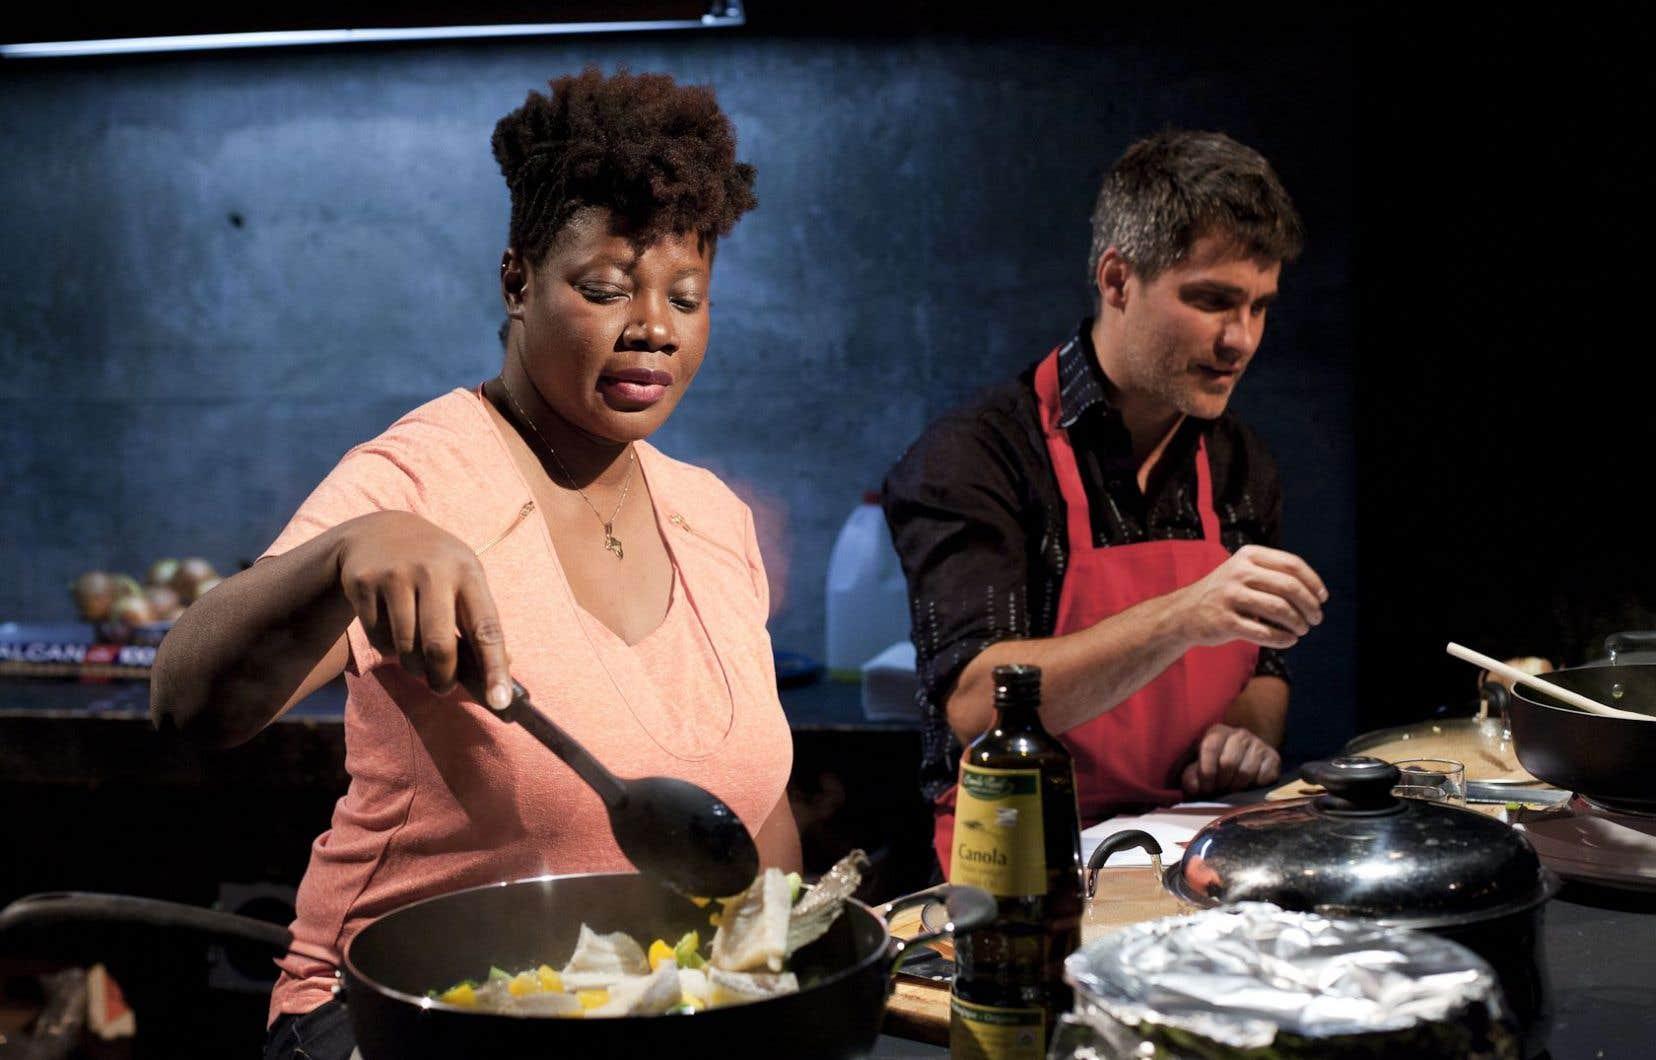 Marie-Louise Bibish Mumbu et Philippe Ducros, le metteur en scène, devisent tout en préparant un plat de morue aux poivrons et oignons.